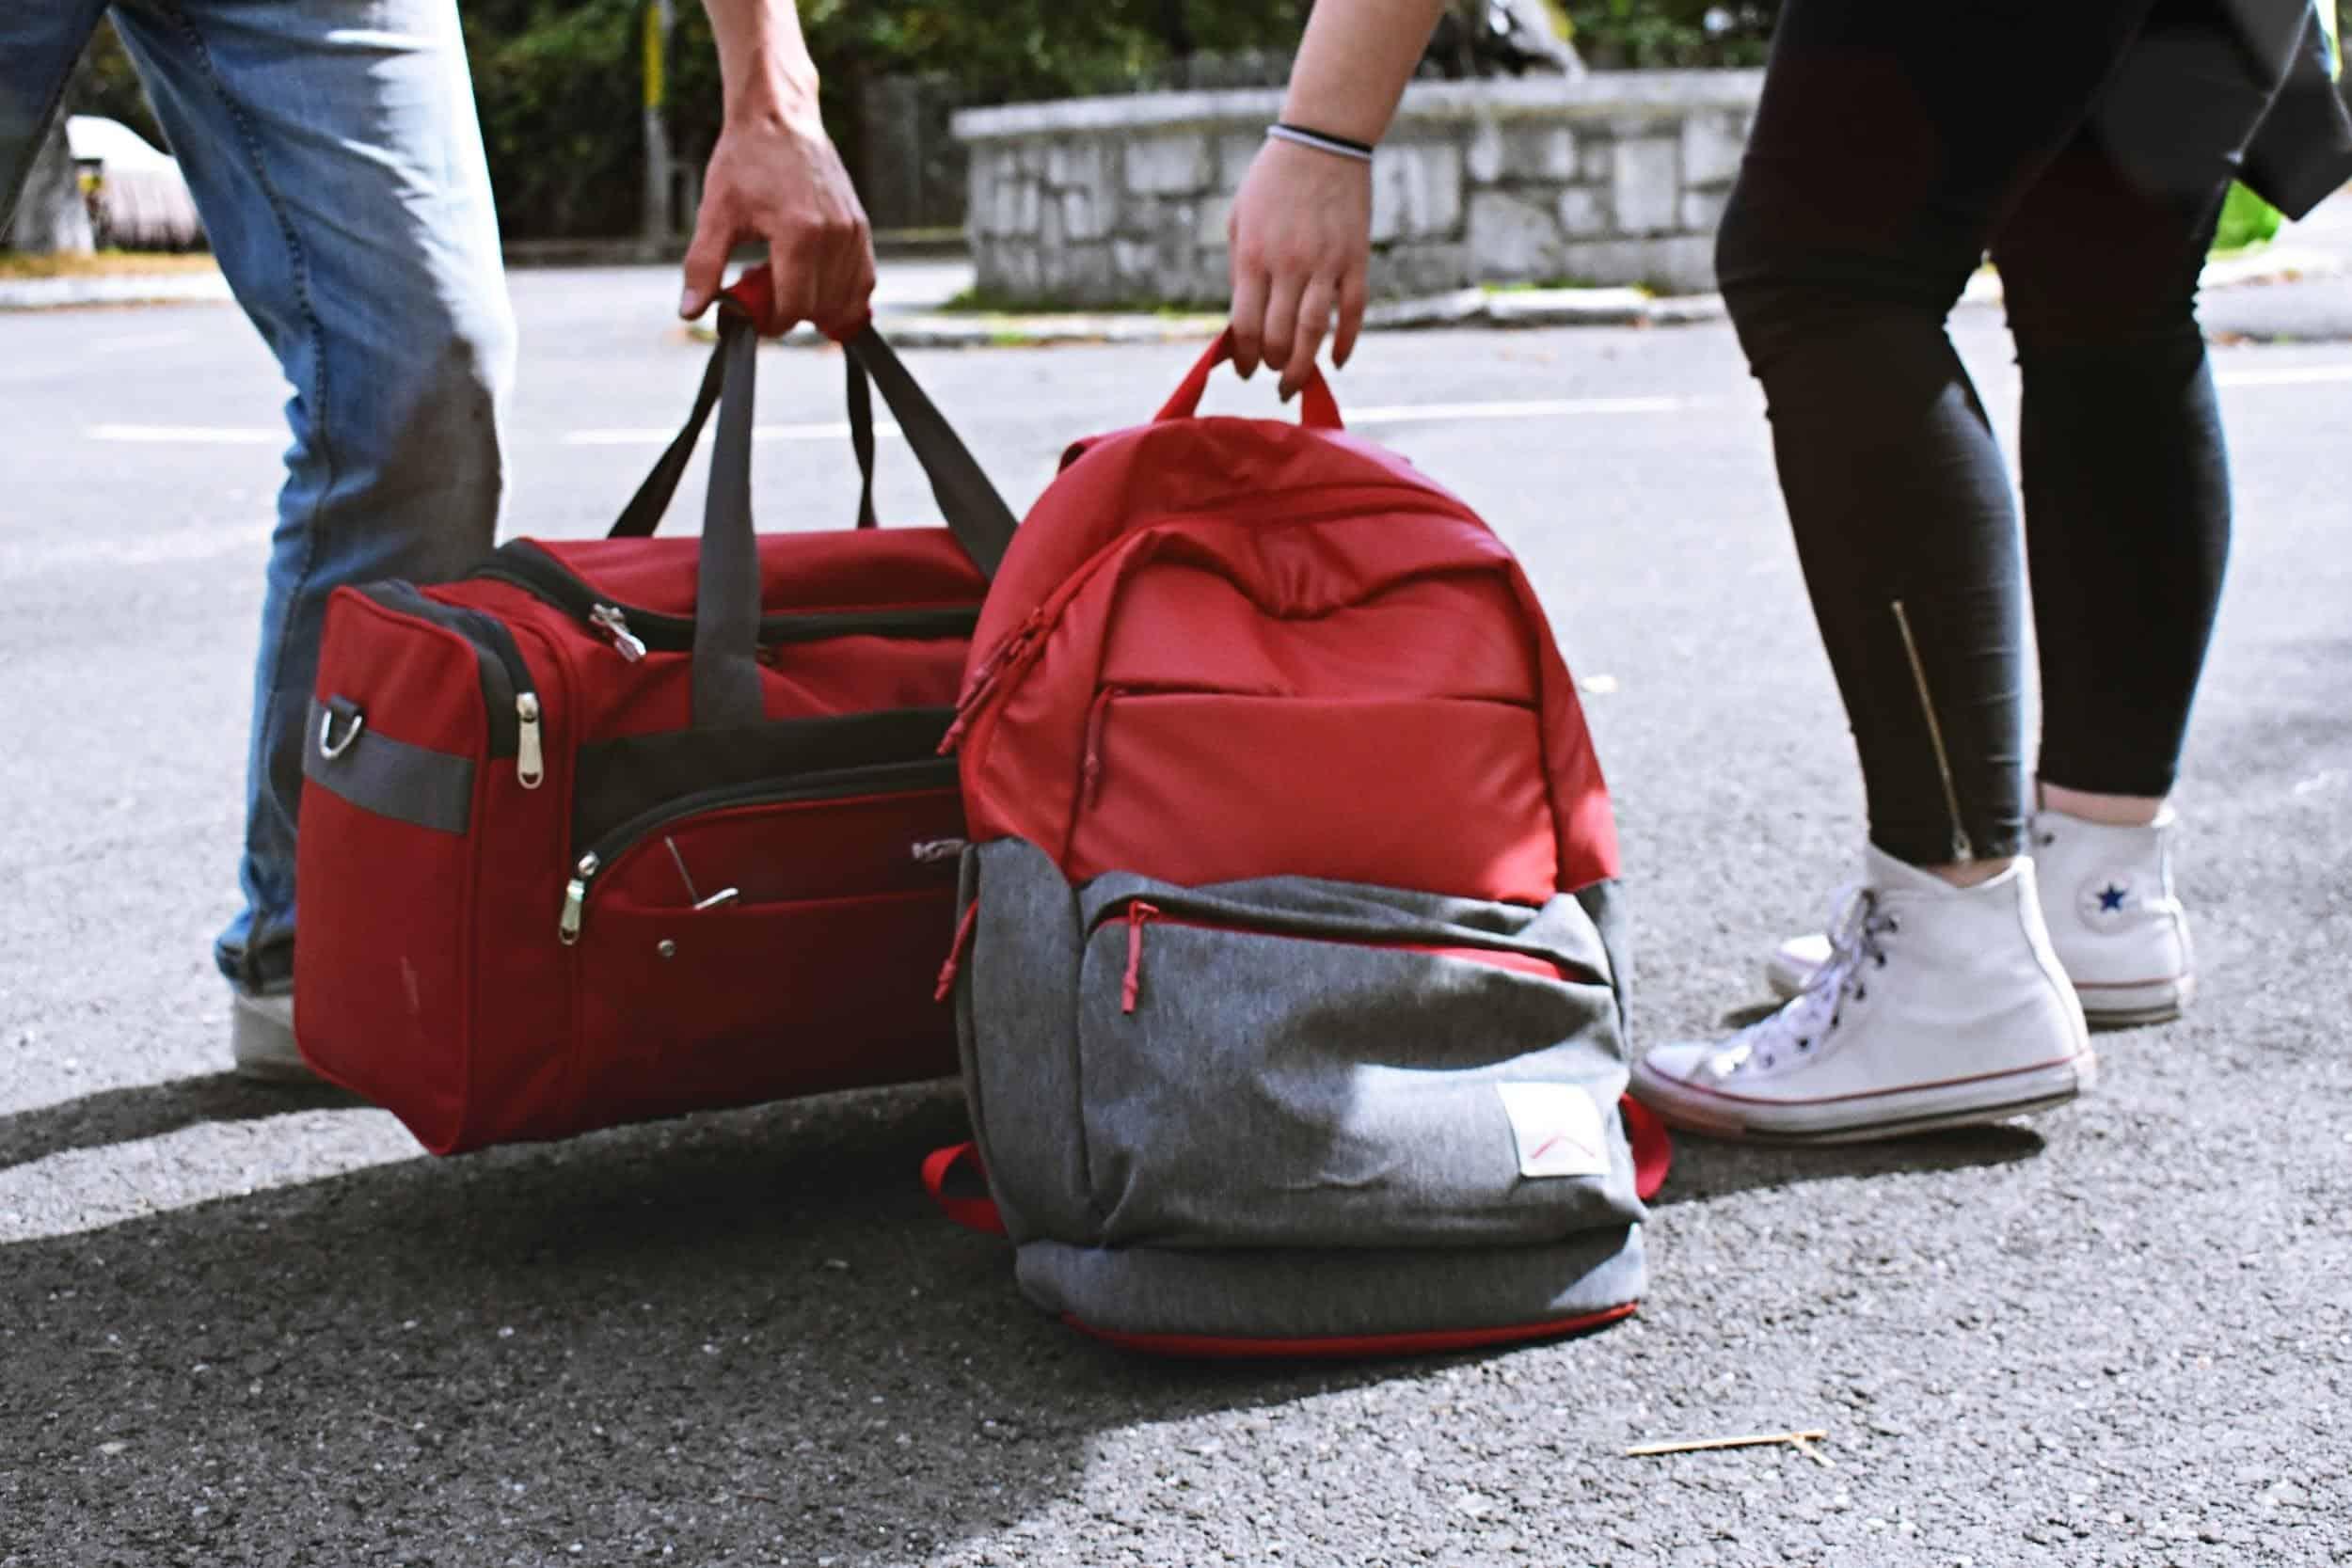 virgin atlantic baggage fees